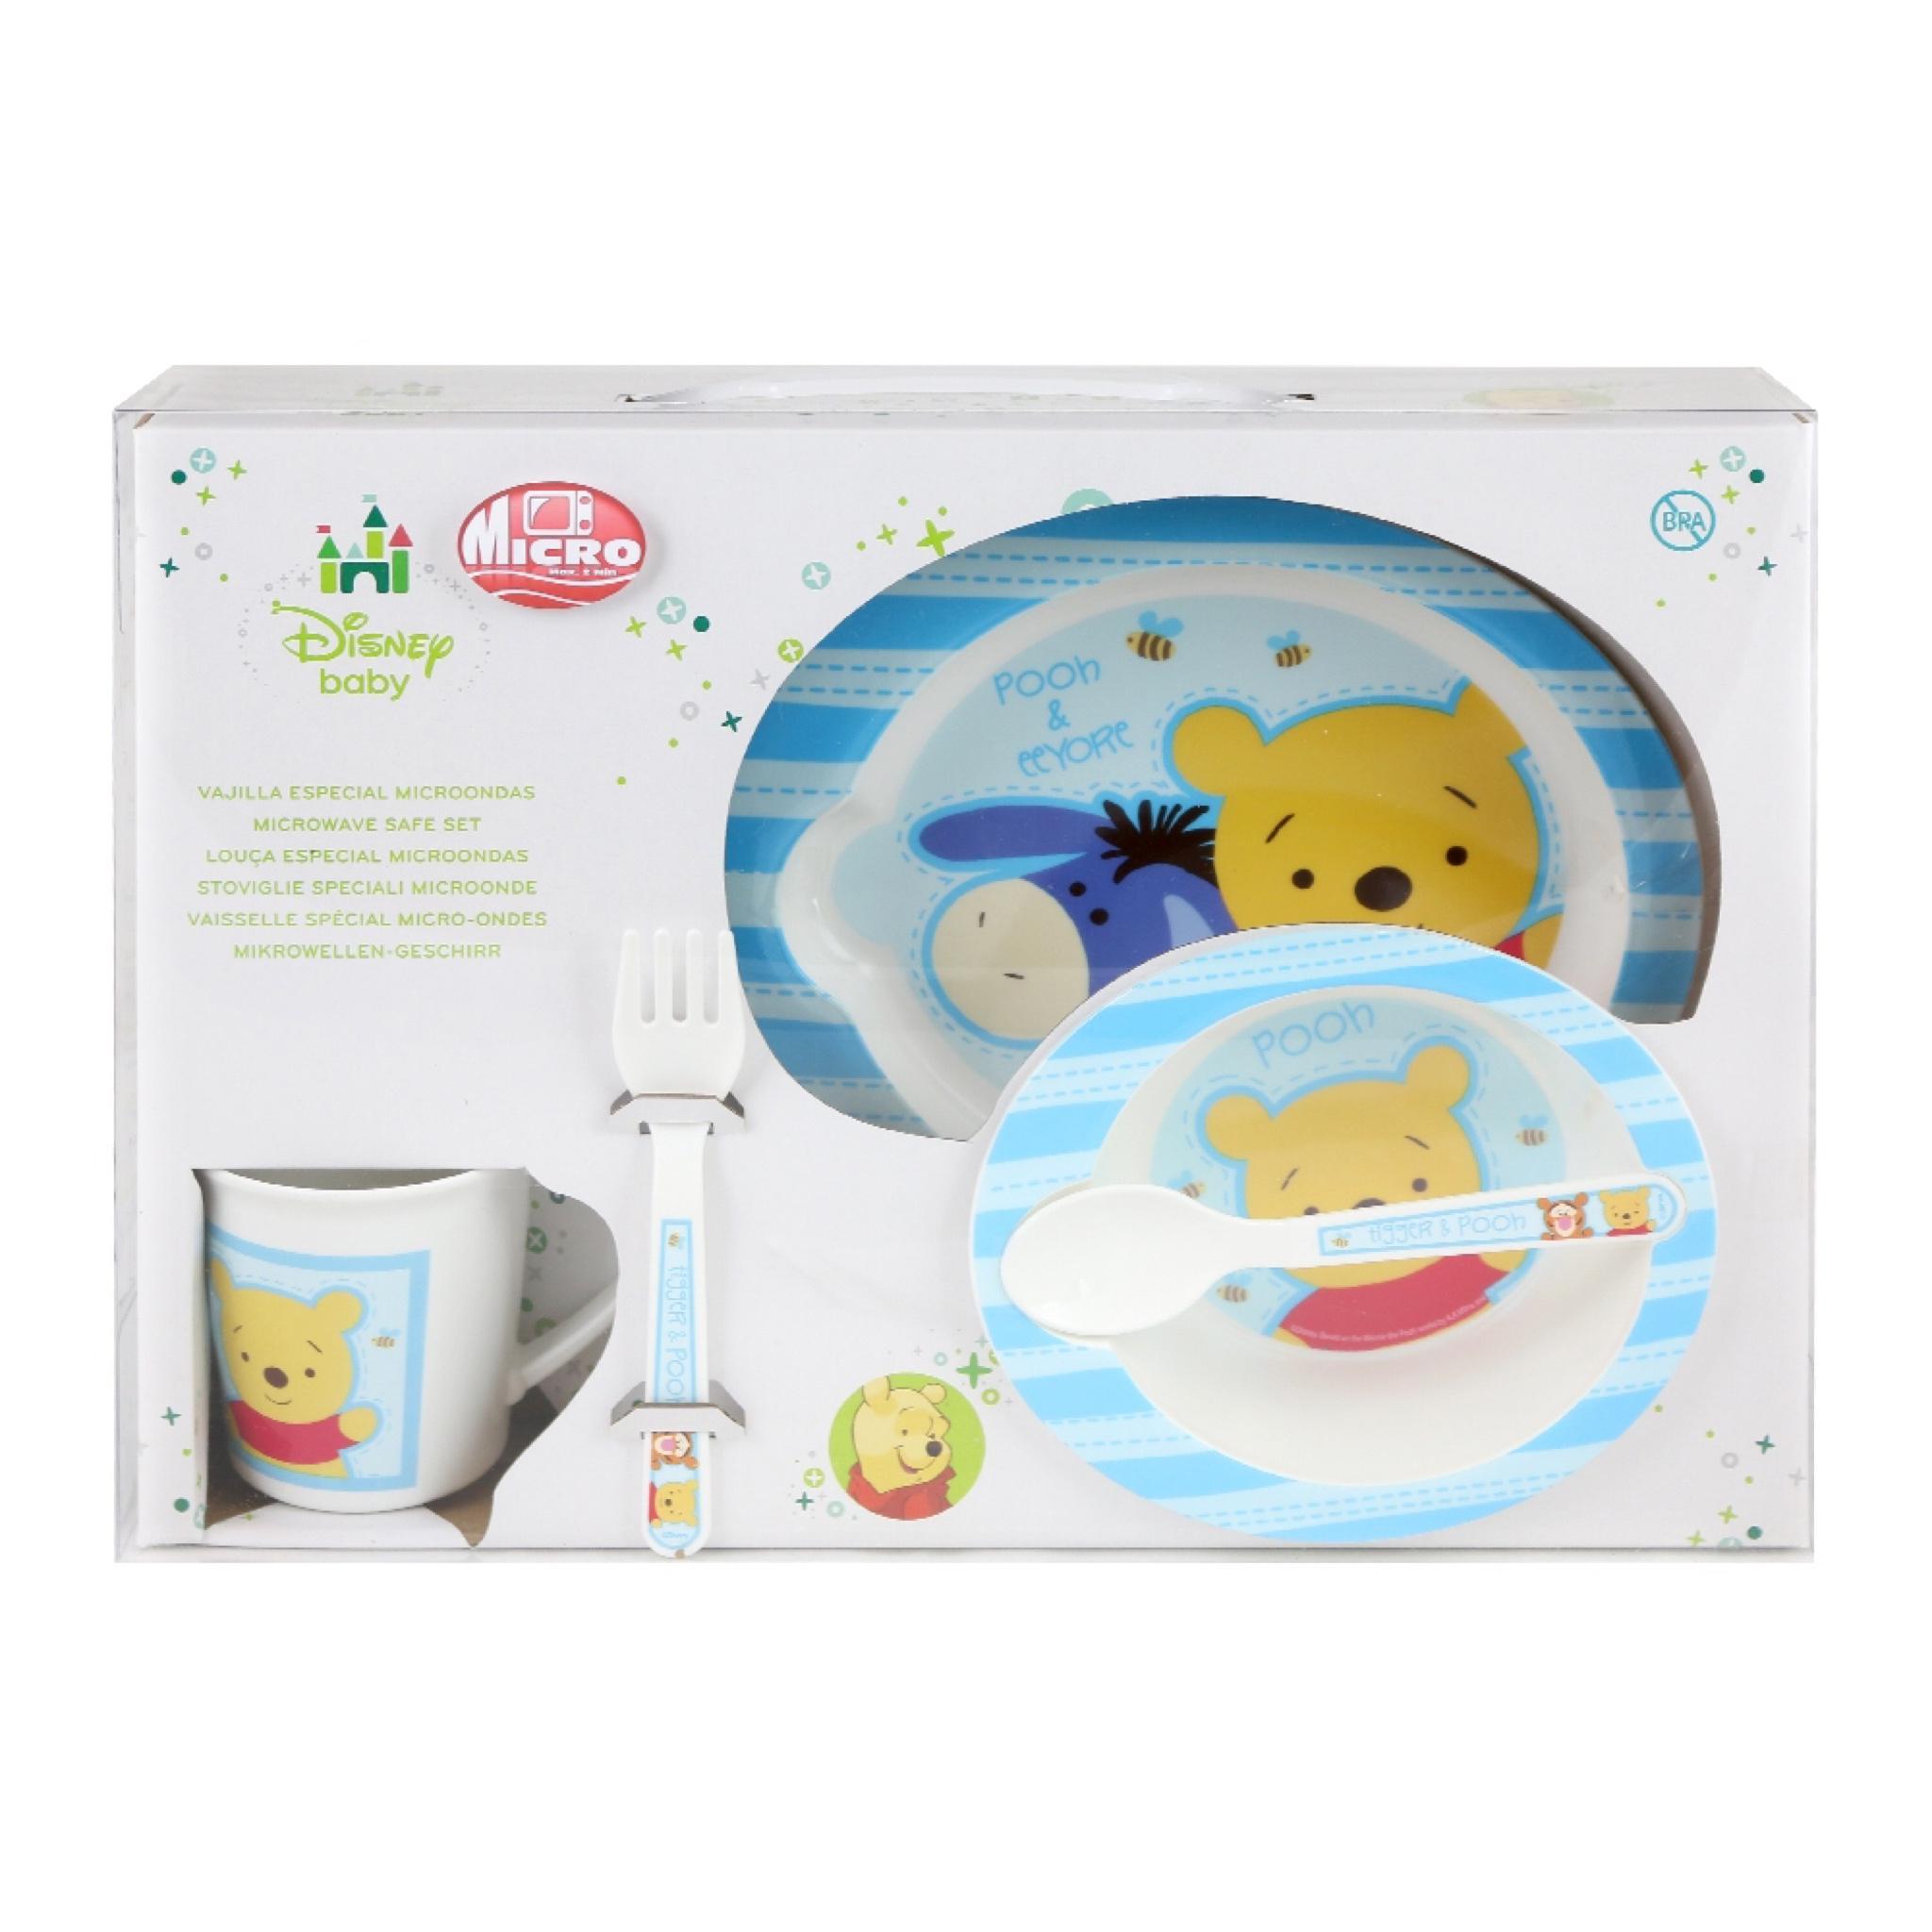 ชุดรับประทานอาหารสำหรับเด็ก Disney Baby Microwave Safe Box Set (Winnie the Pooh)